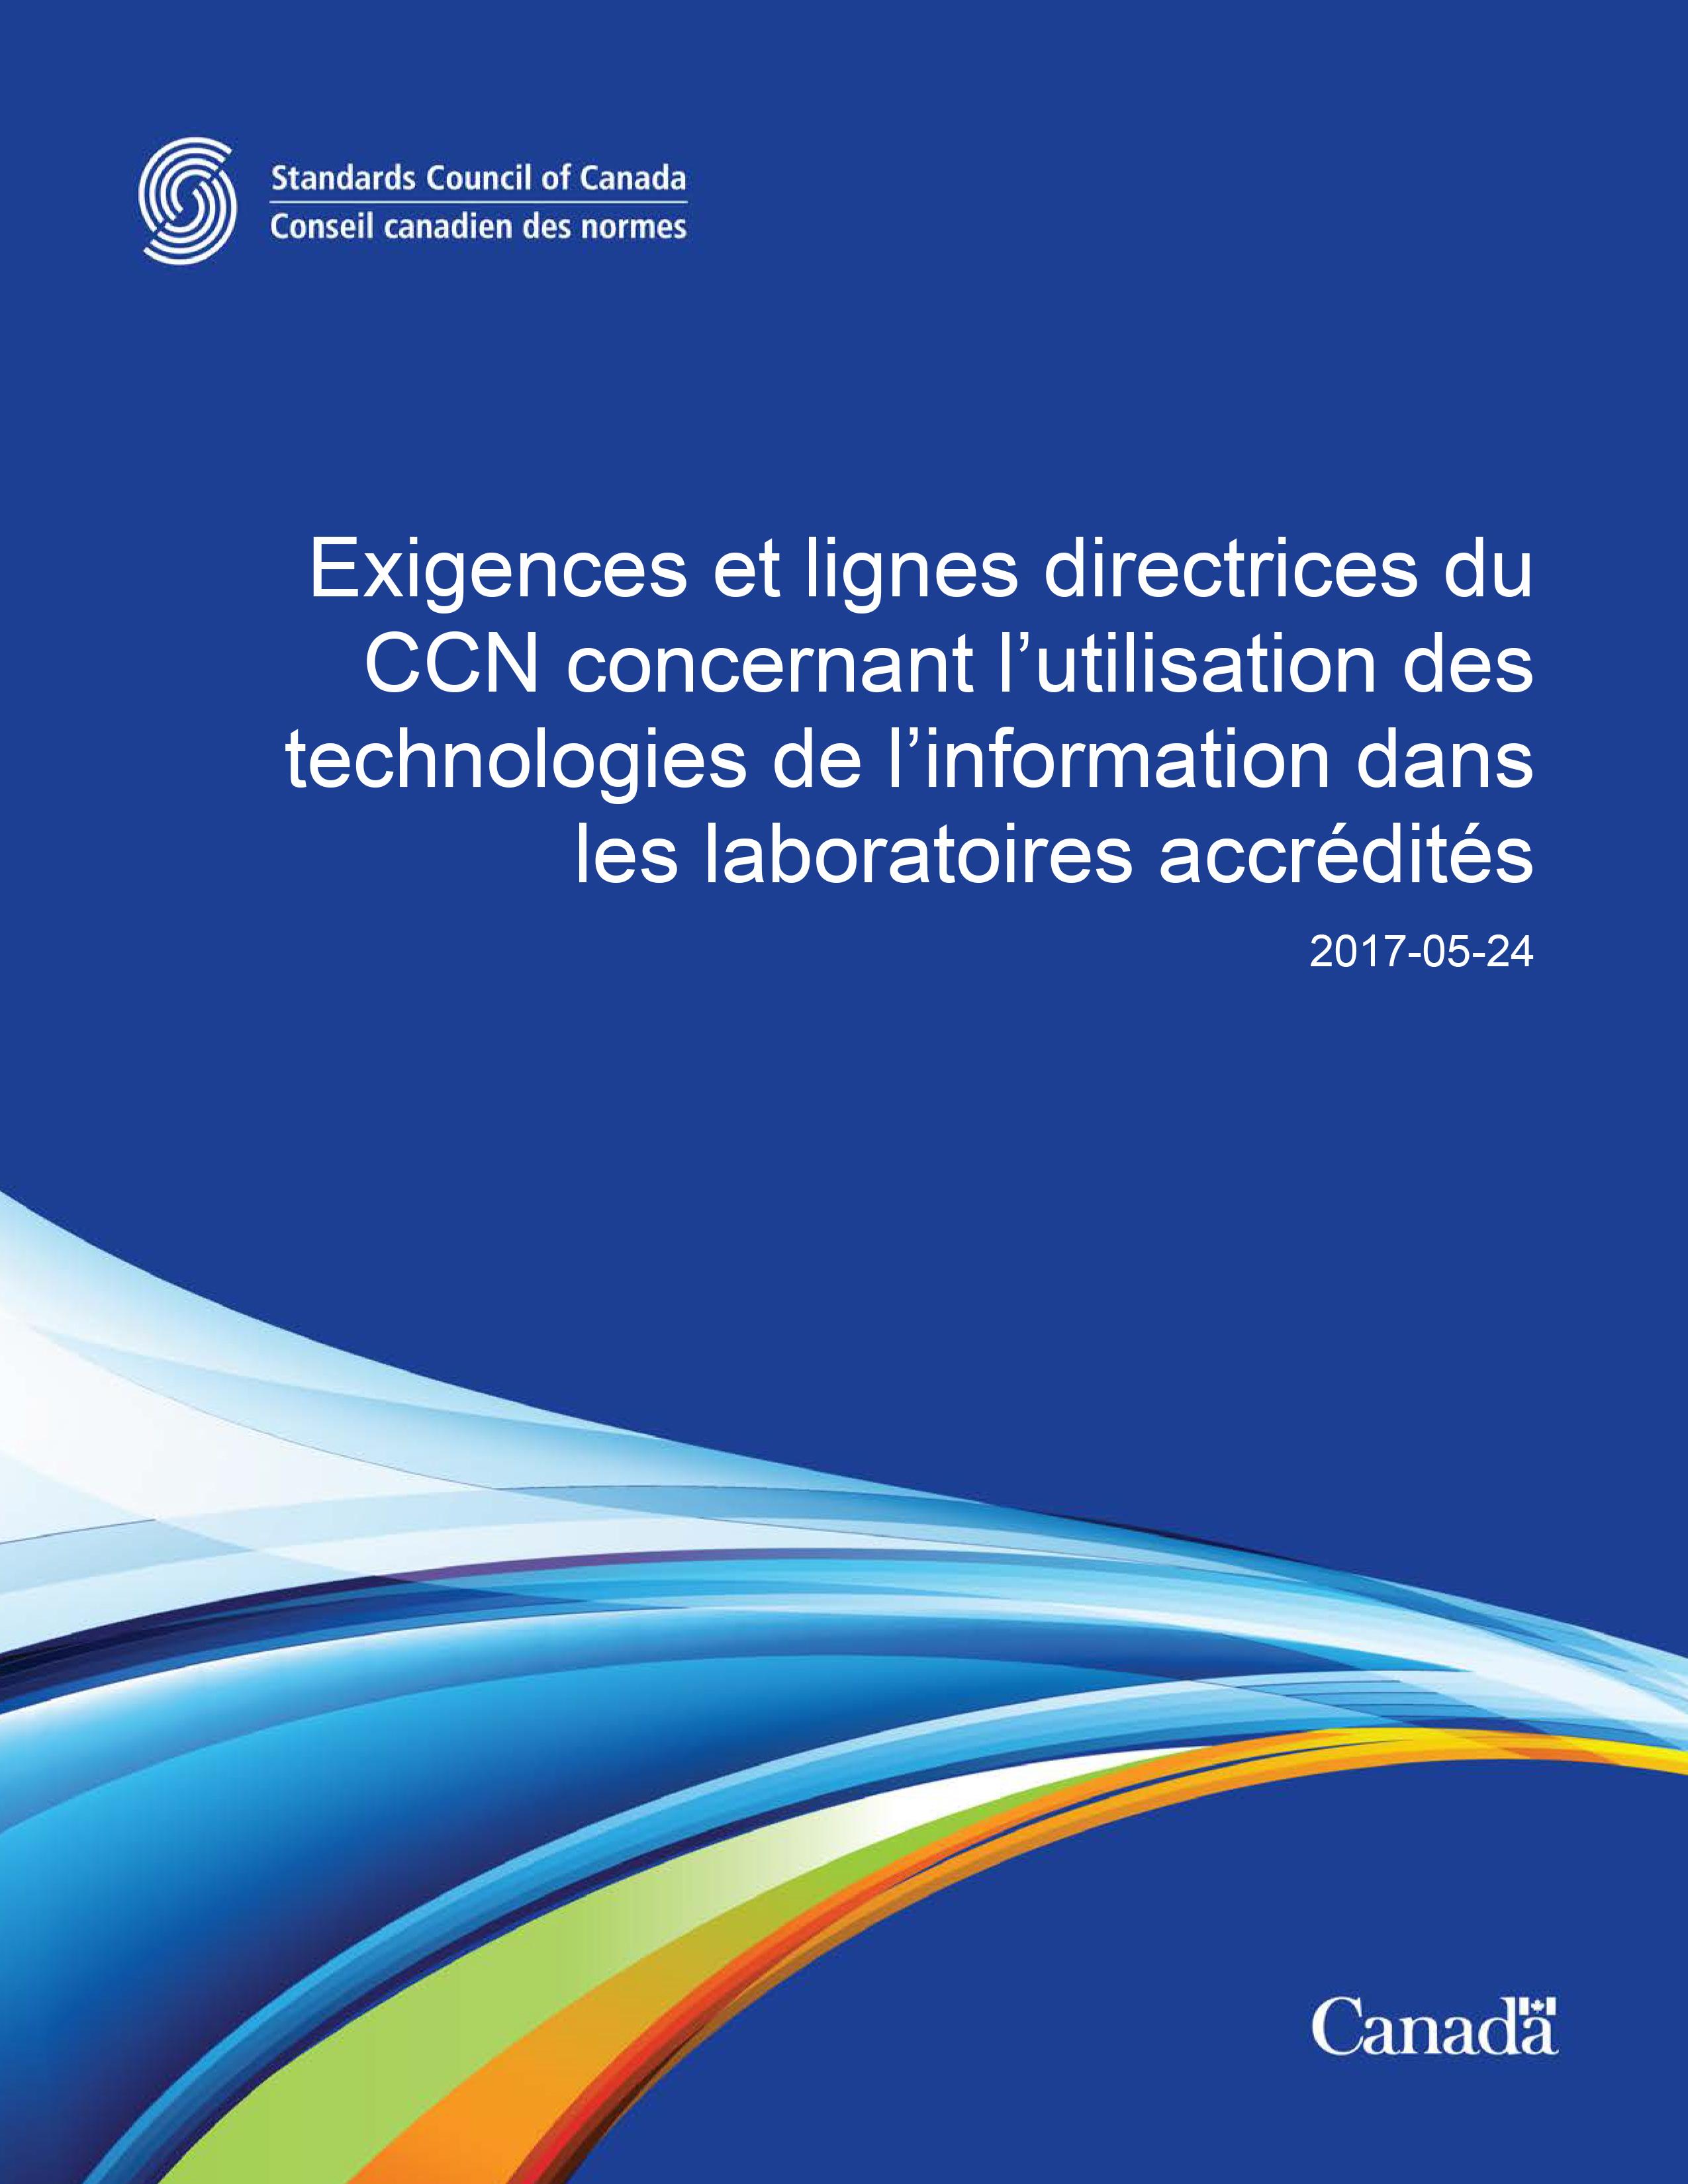 Exigences et lignes directrices technologies de l'information